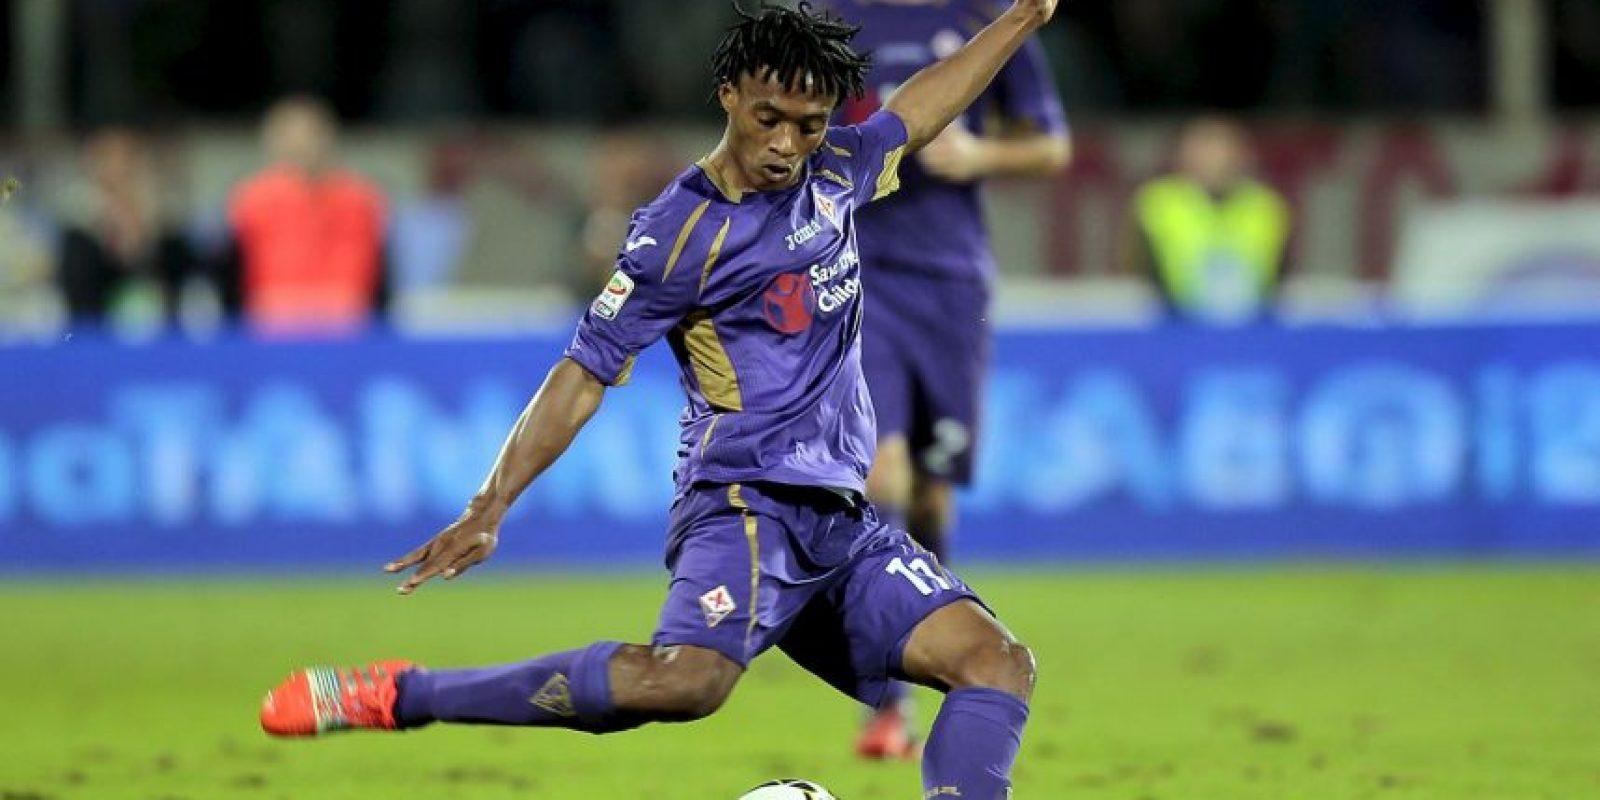 Pertenece a la Fiorentina de la Serie A Foto:Getty